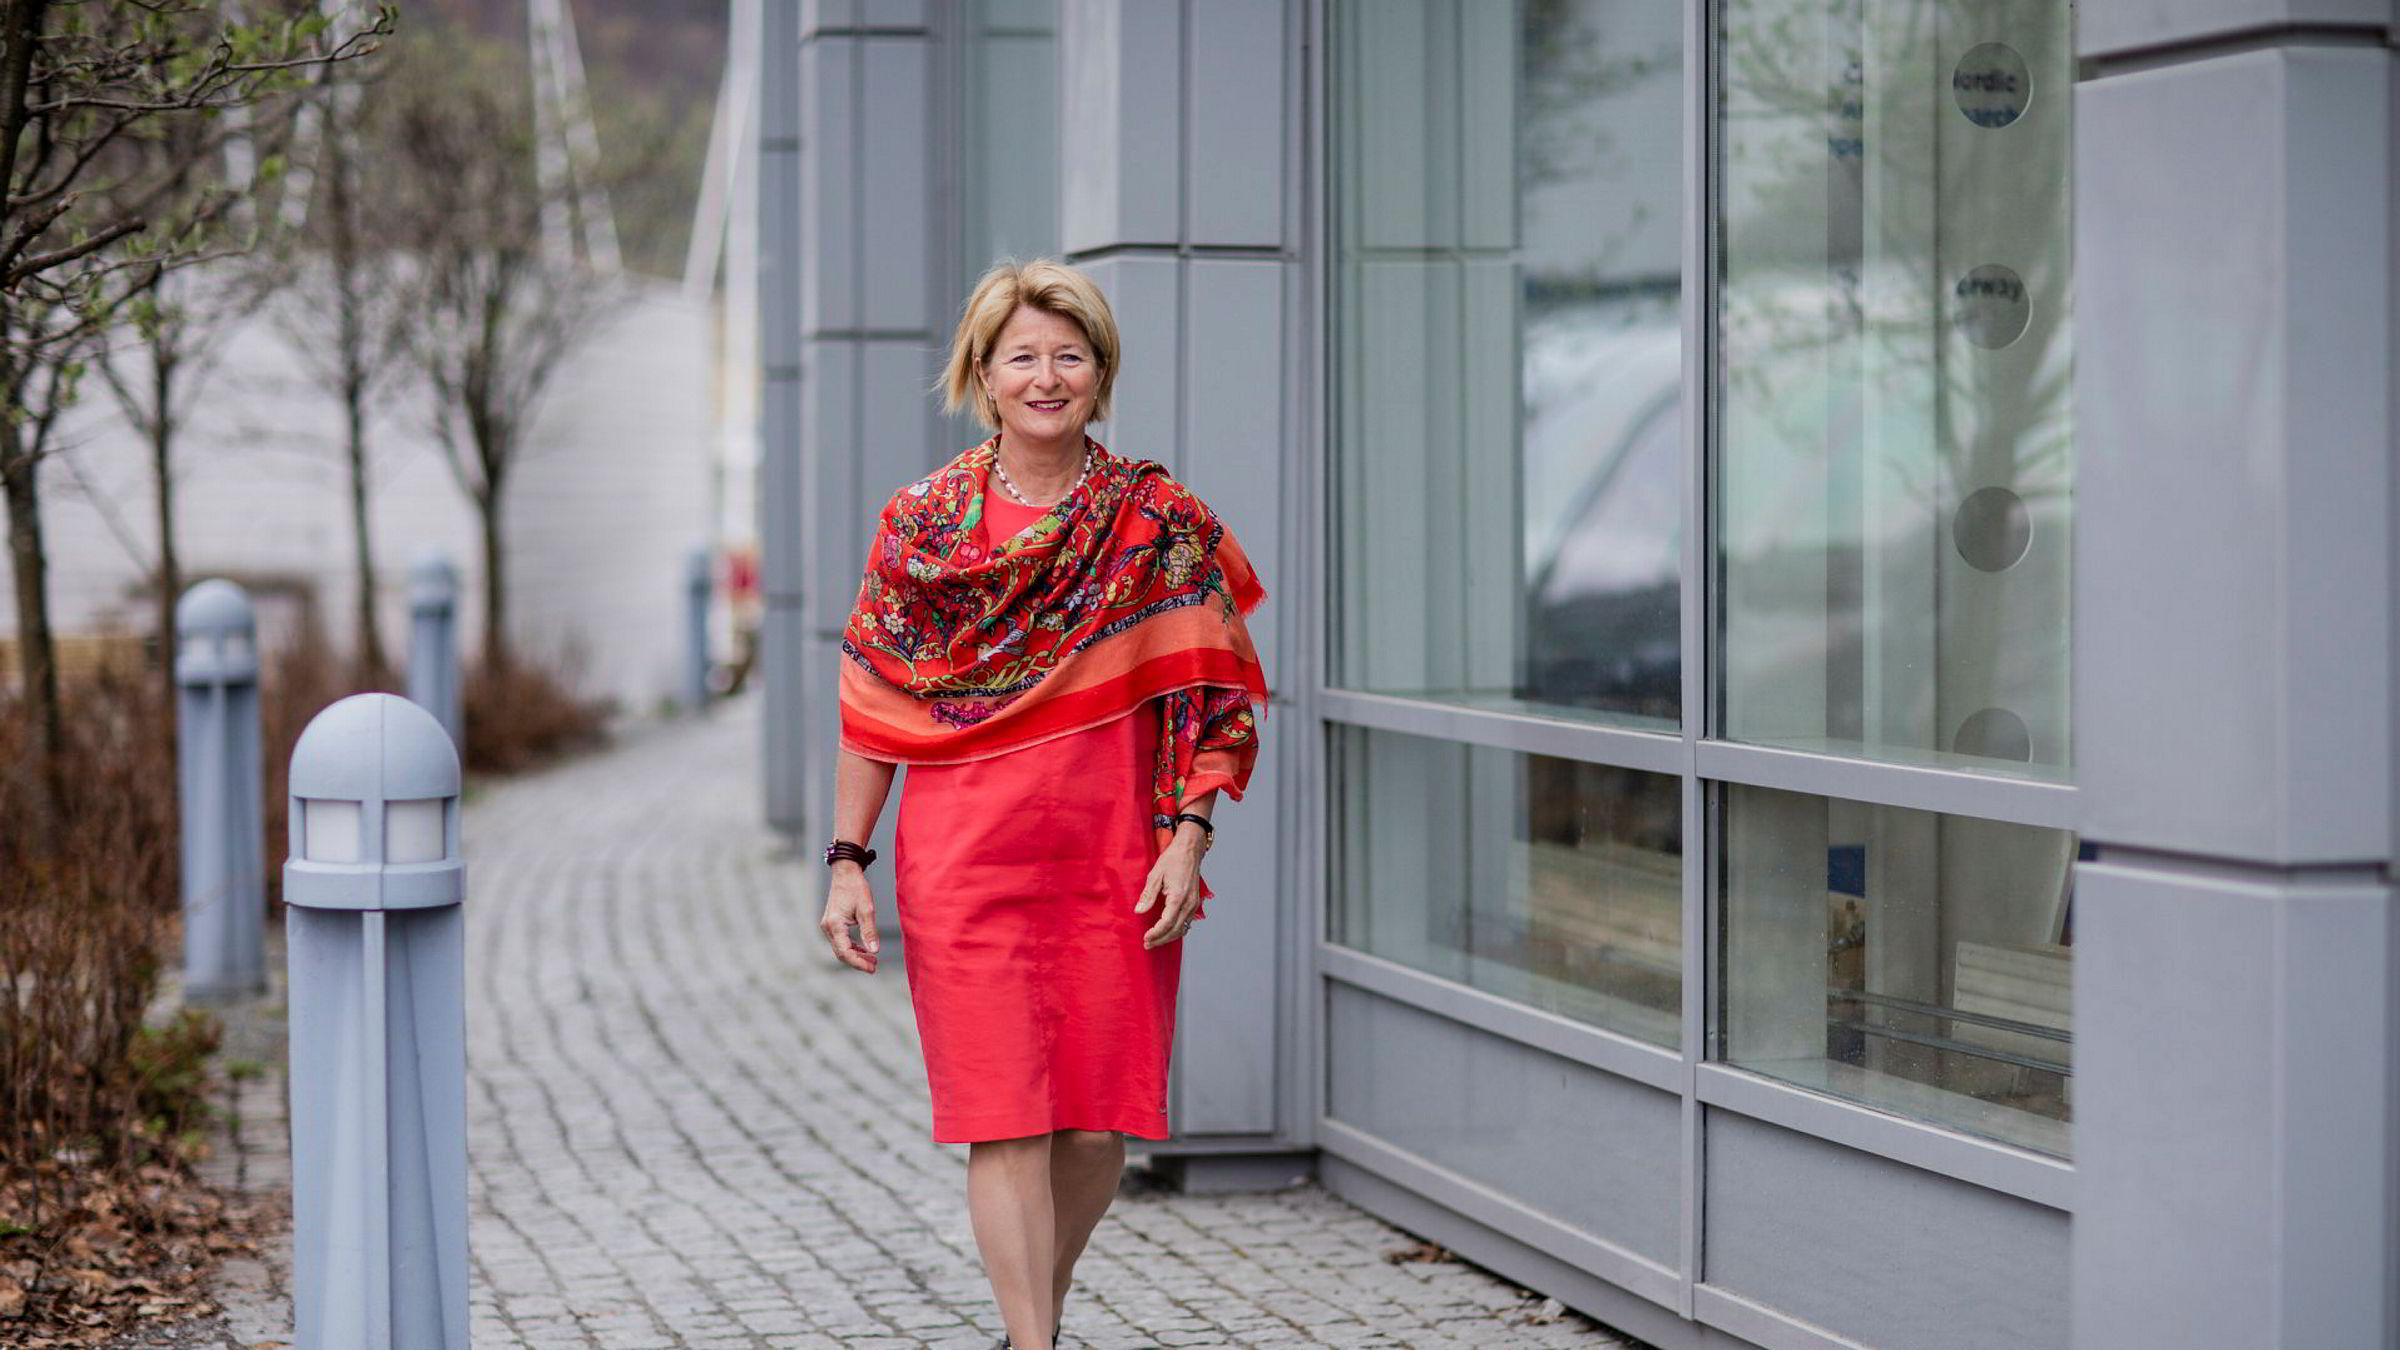 Rektor Anne Husebekk ved UiT tror programmering rettet mot helseproblematikk vil bli mer og mer viktig. – Når man kan lage algoritmer som kan definere en kreftcelle til forskjell fra en normal celle, vil patologenes arbeid endres radikalt, sier hun.